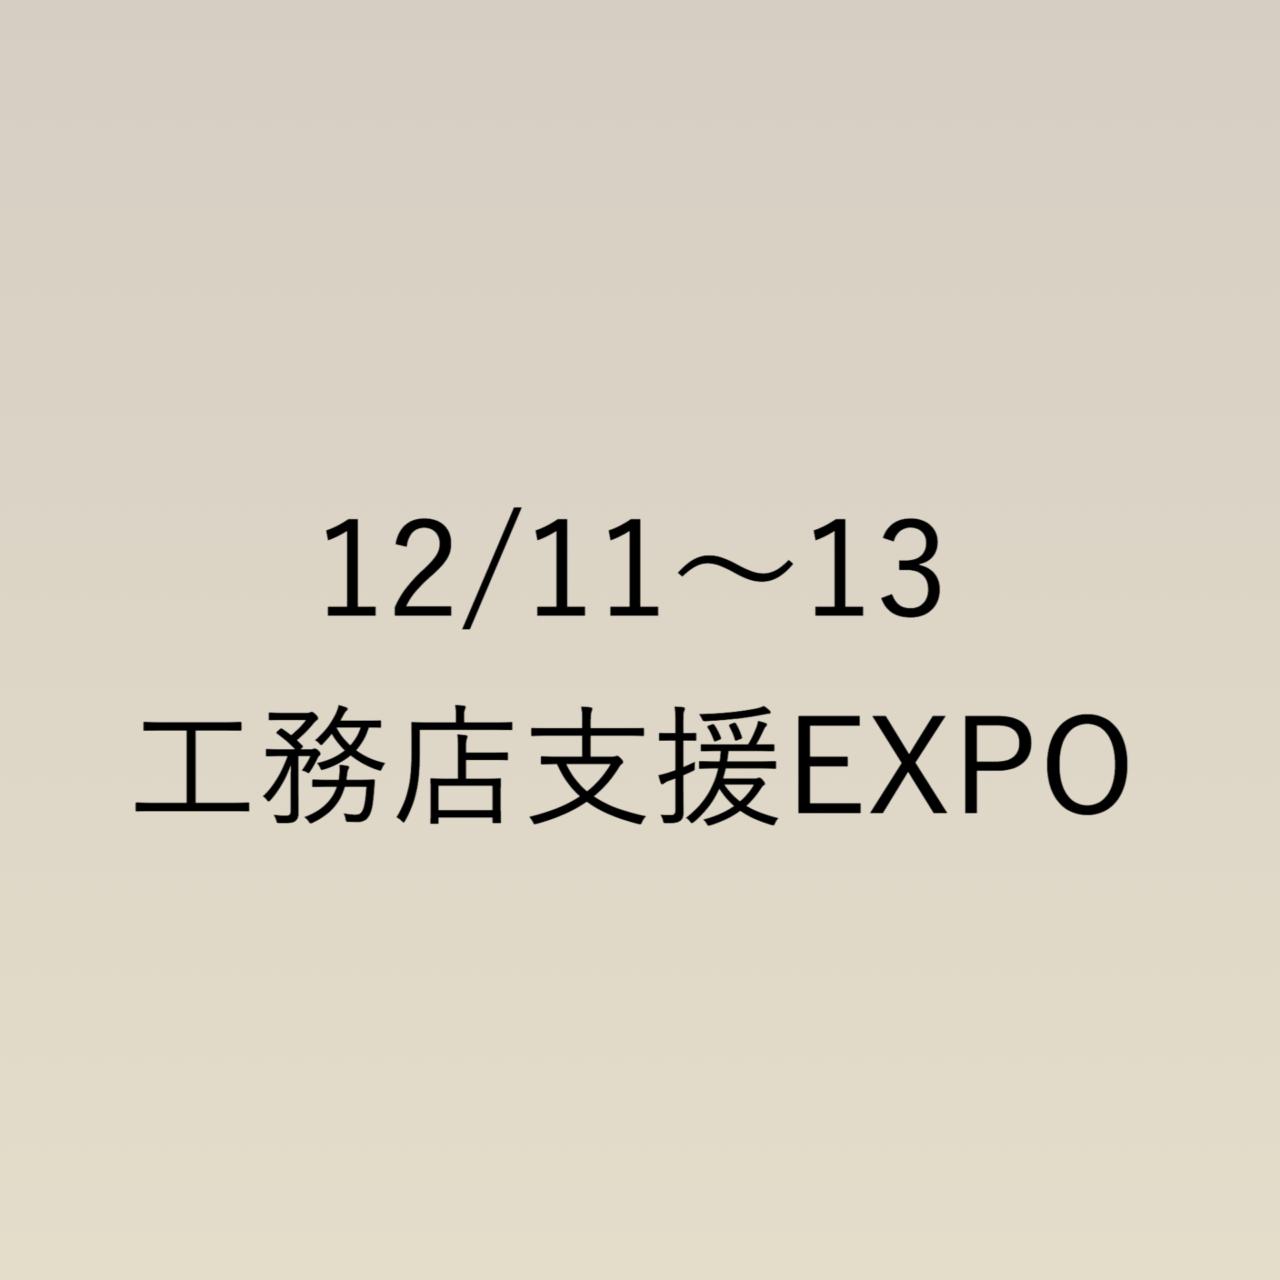 【訪問日記】※番外編 工務店支援EXPOに行ってきた!